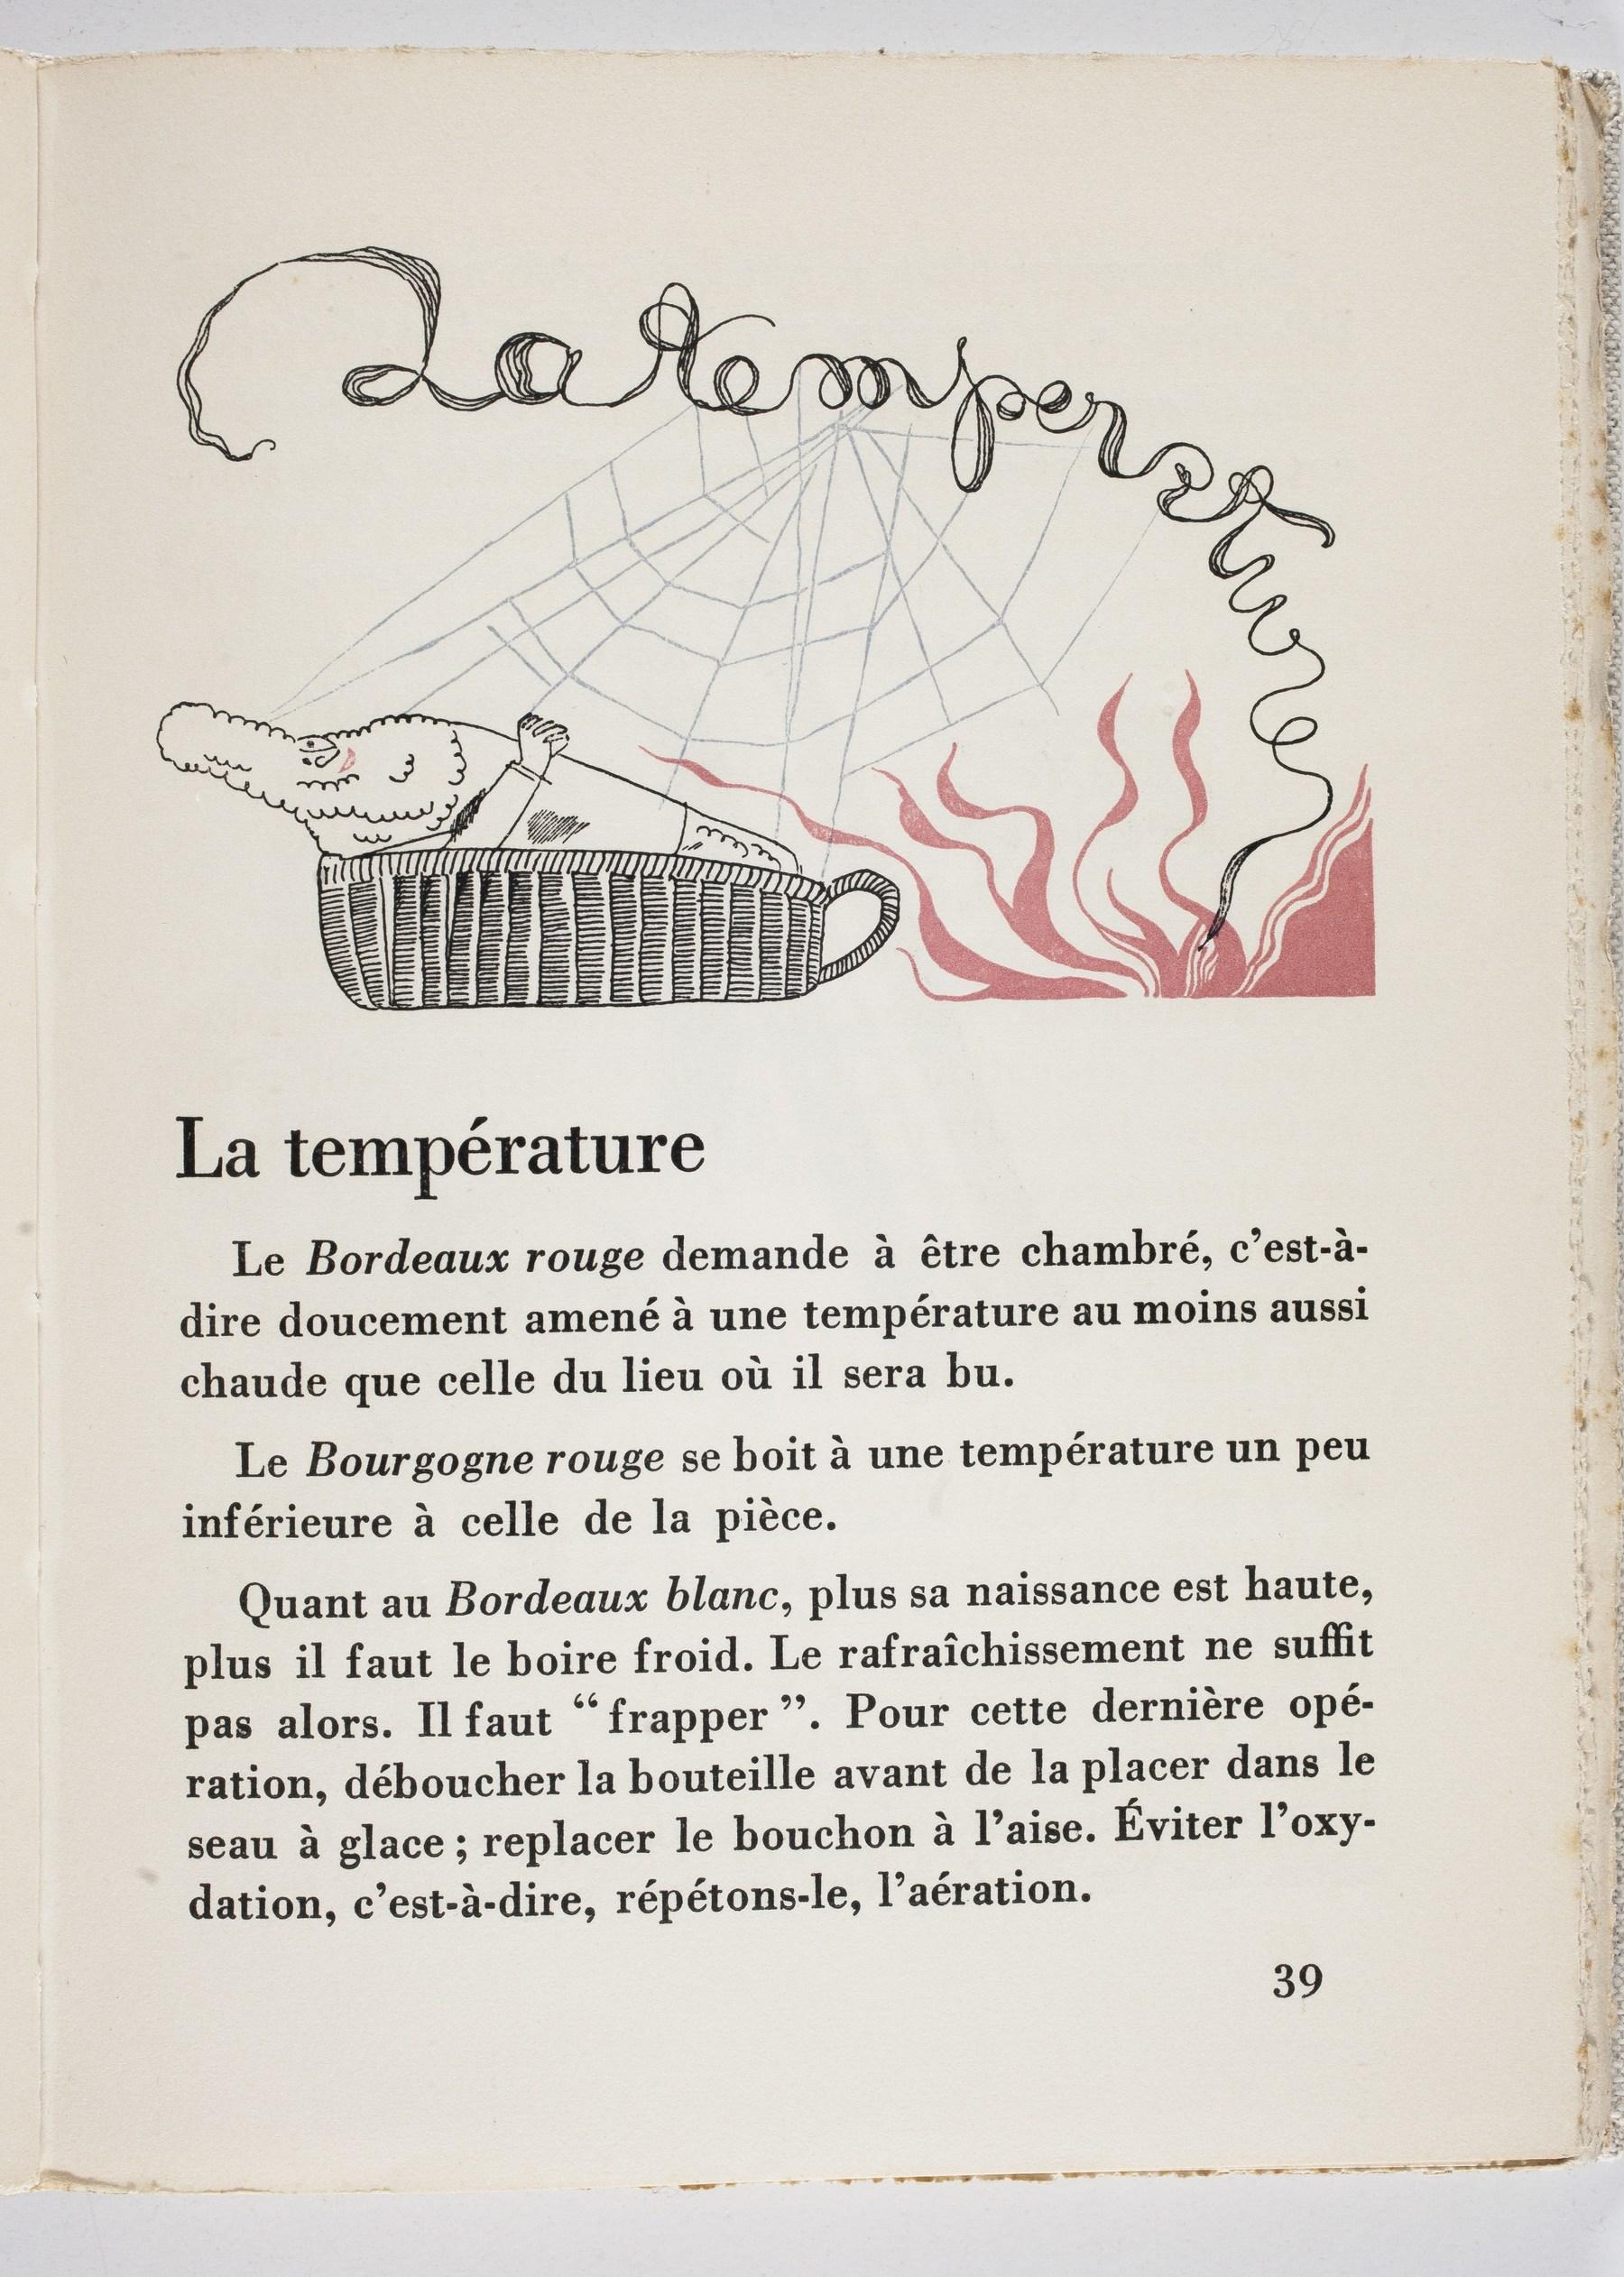 Contenu du La température